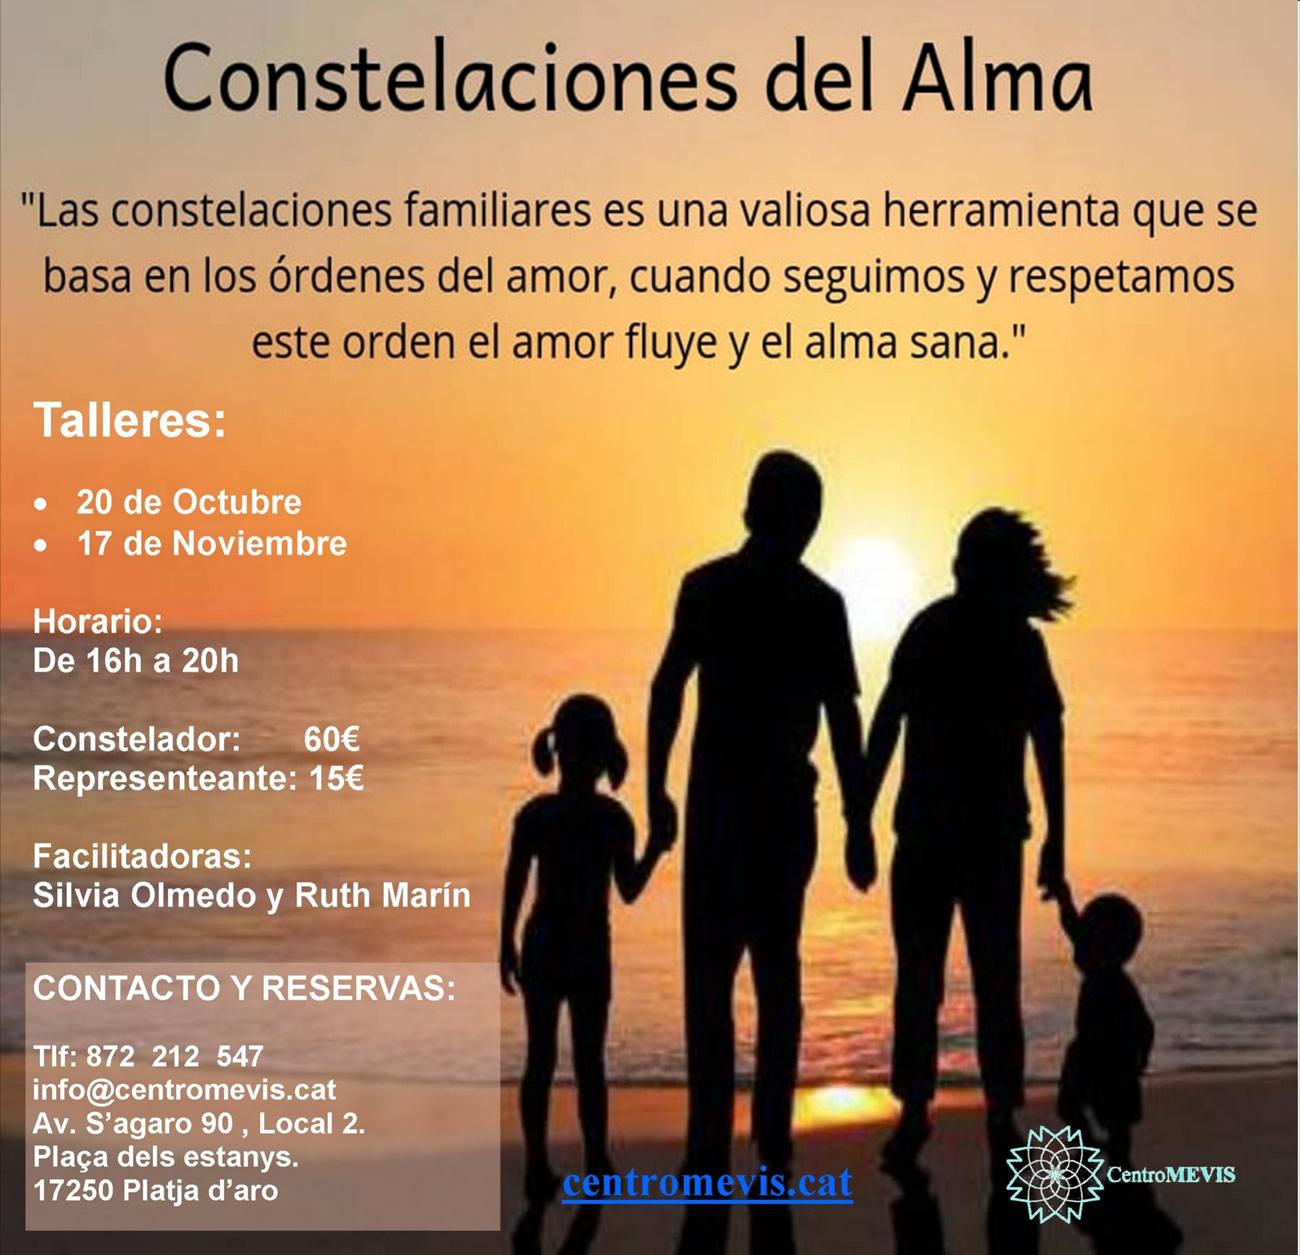 Constelaciones del Alma | Centromevis